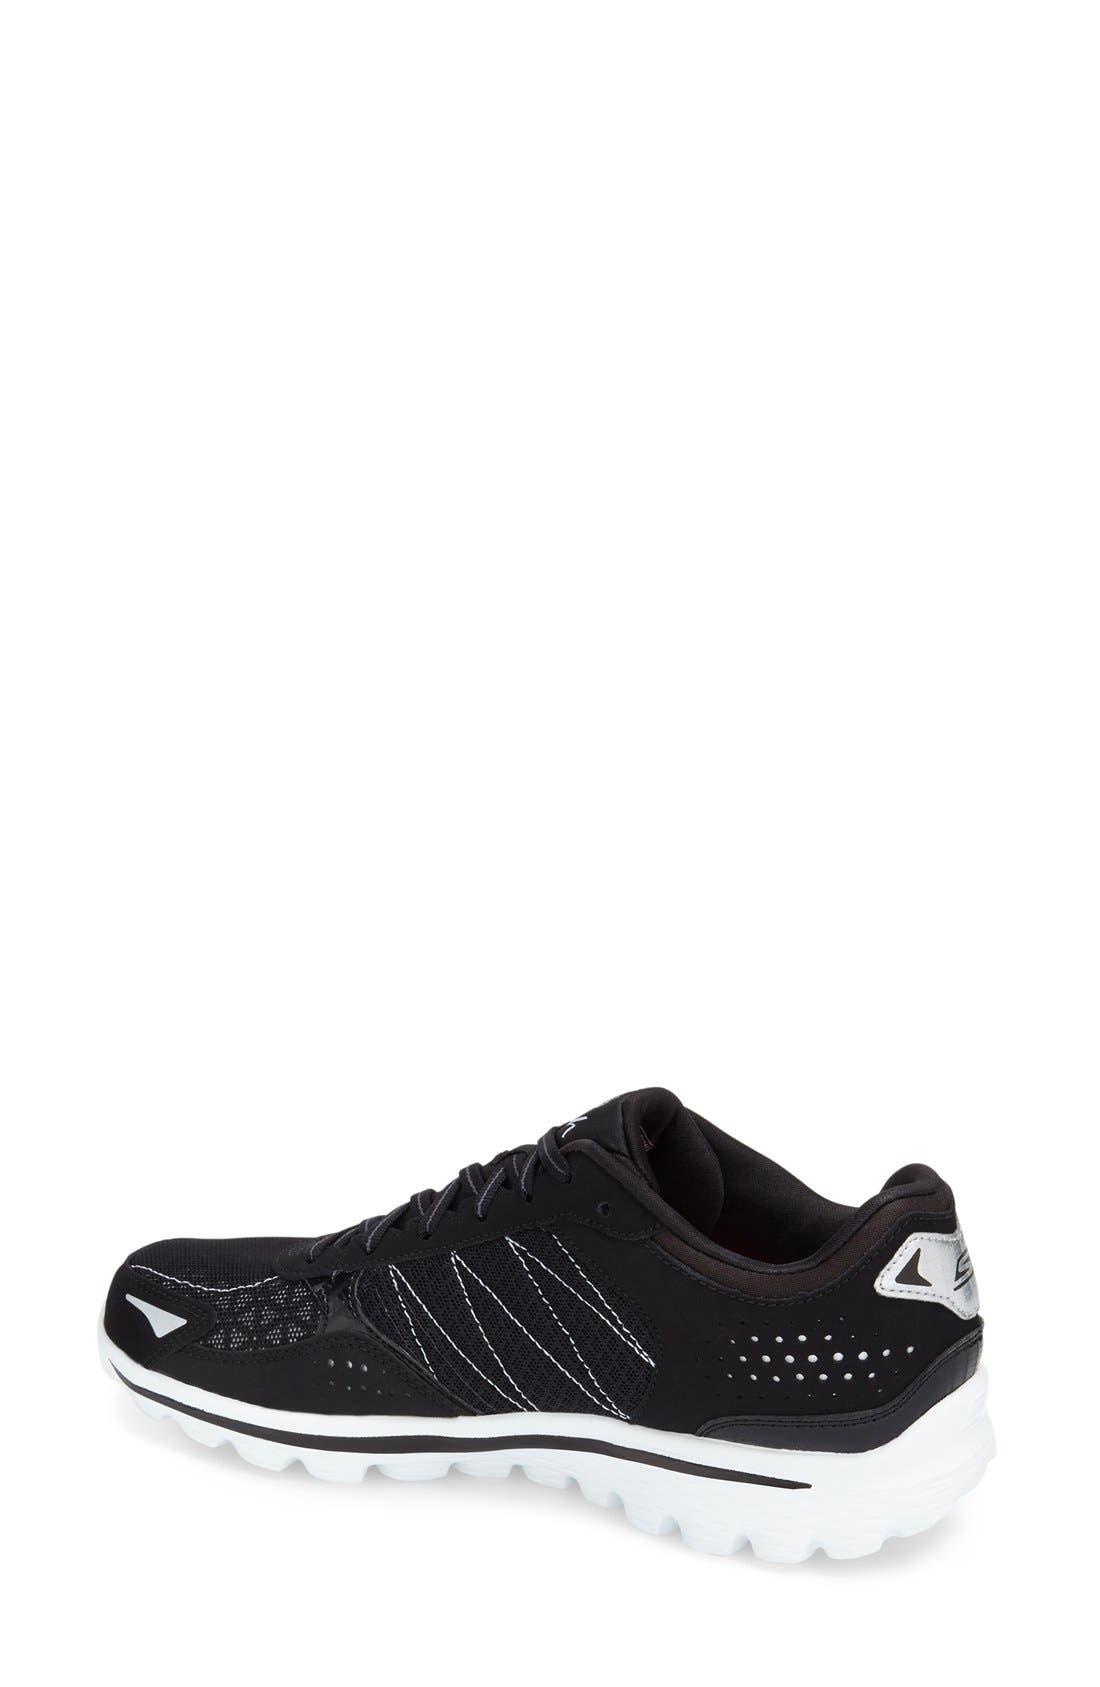 Alternate Image 2  - SKECHERS 'GOwalk 2 - Flash' Sneaker (Women)